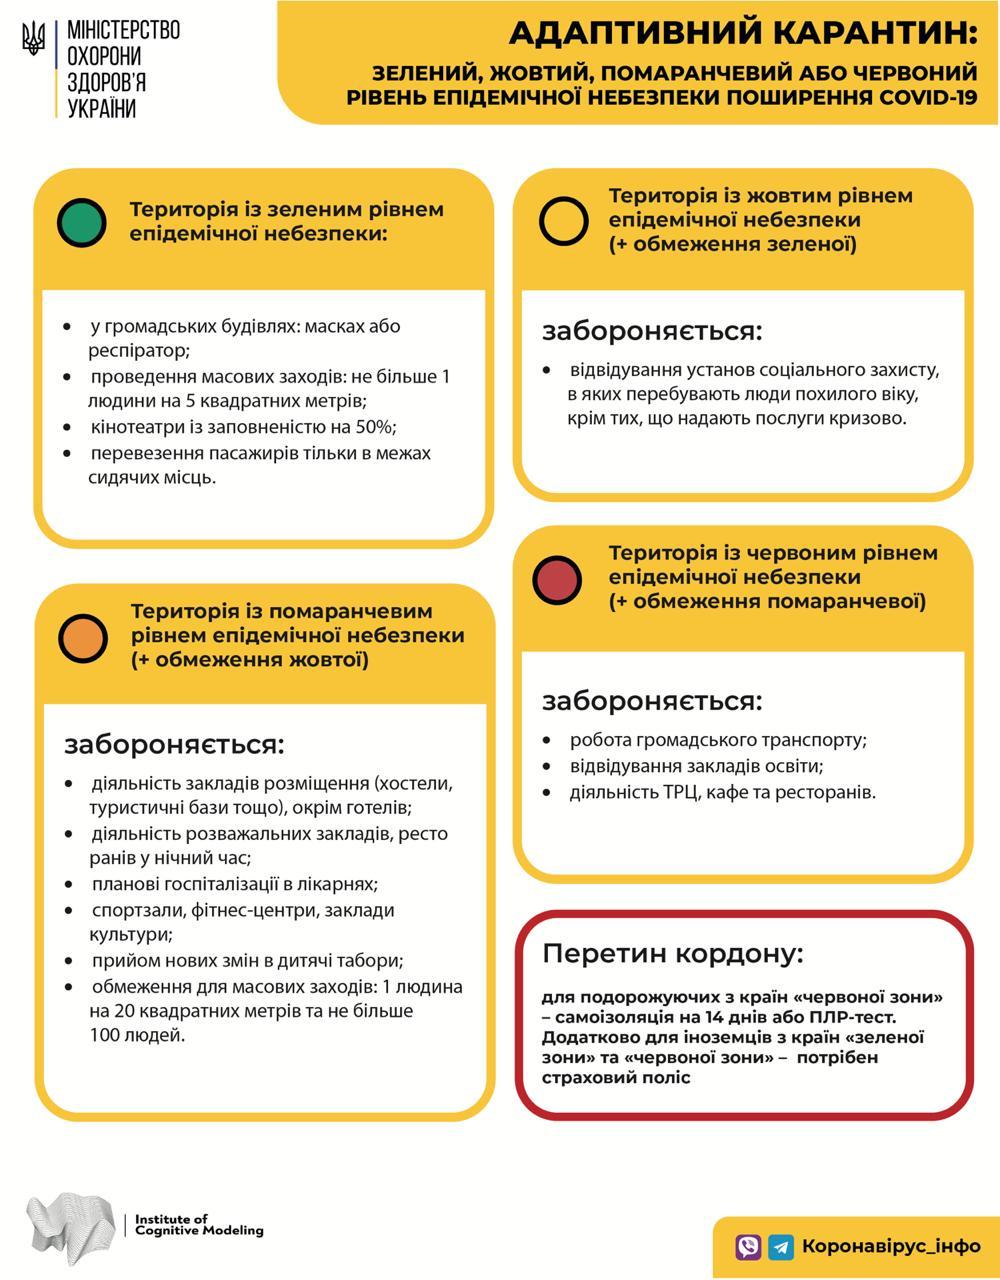 Міністр охорони здоров'я України роз'яснив, як поводити себе під час адаптивного карантину, фото-2